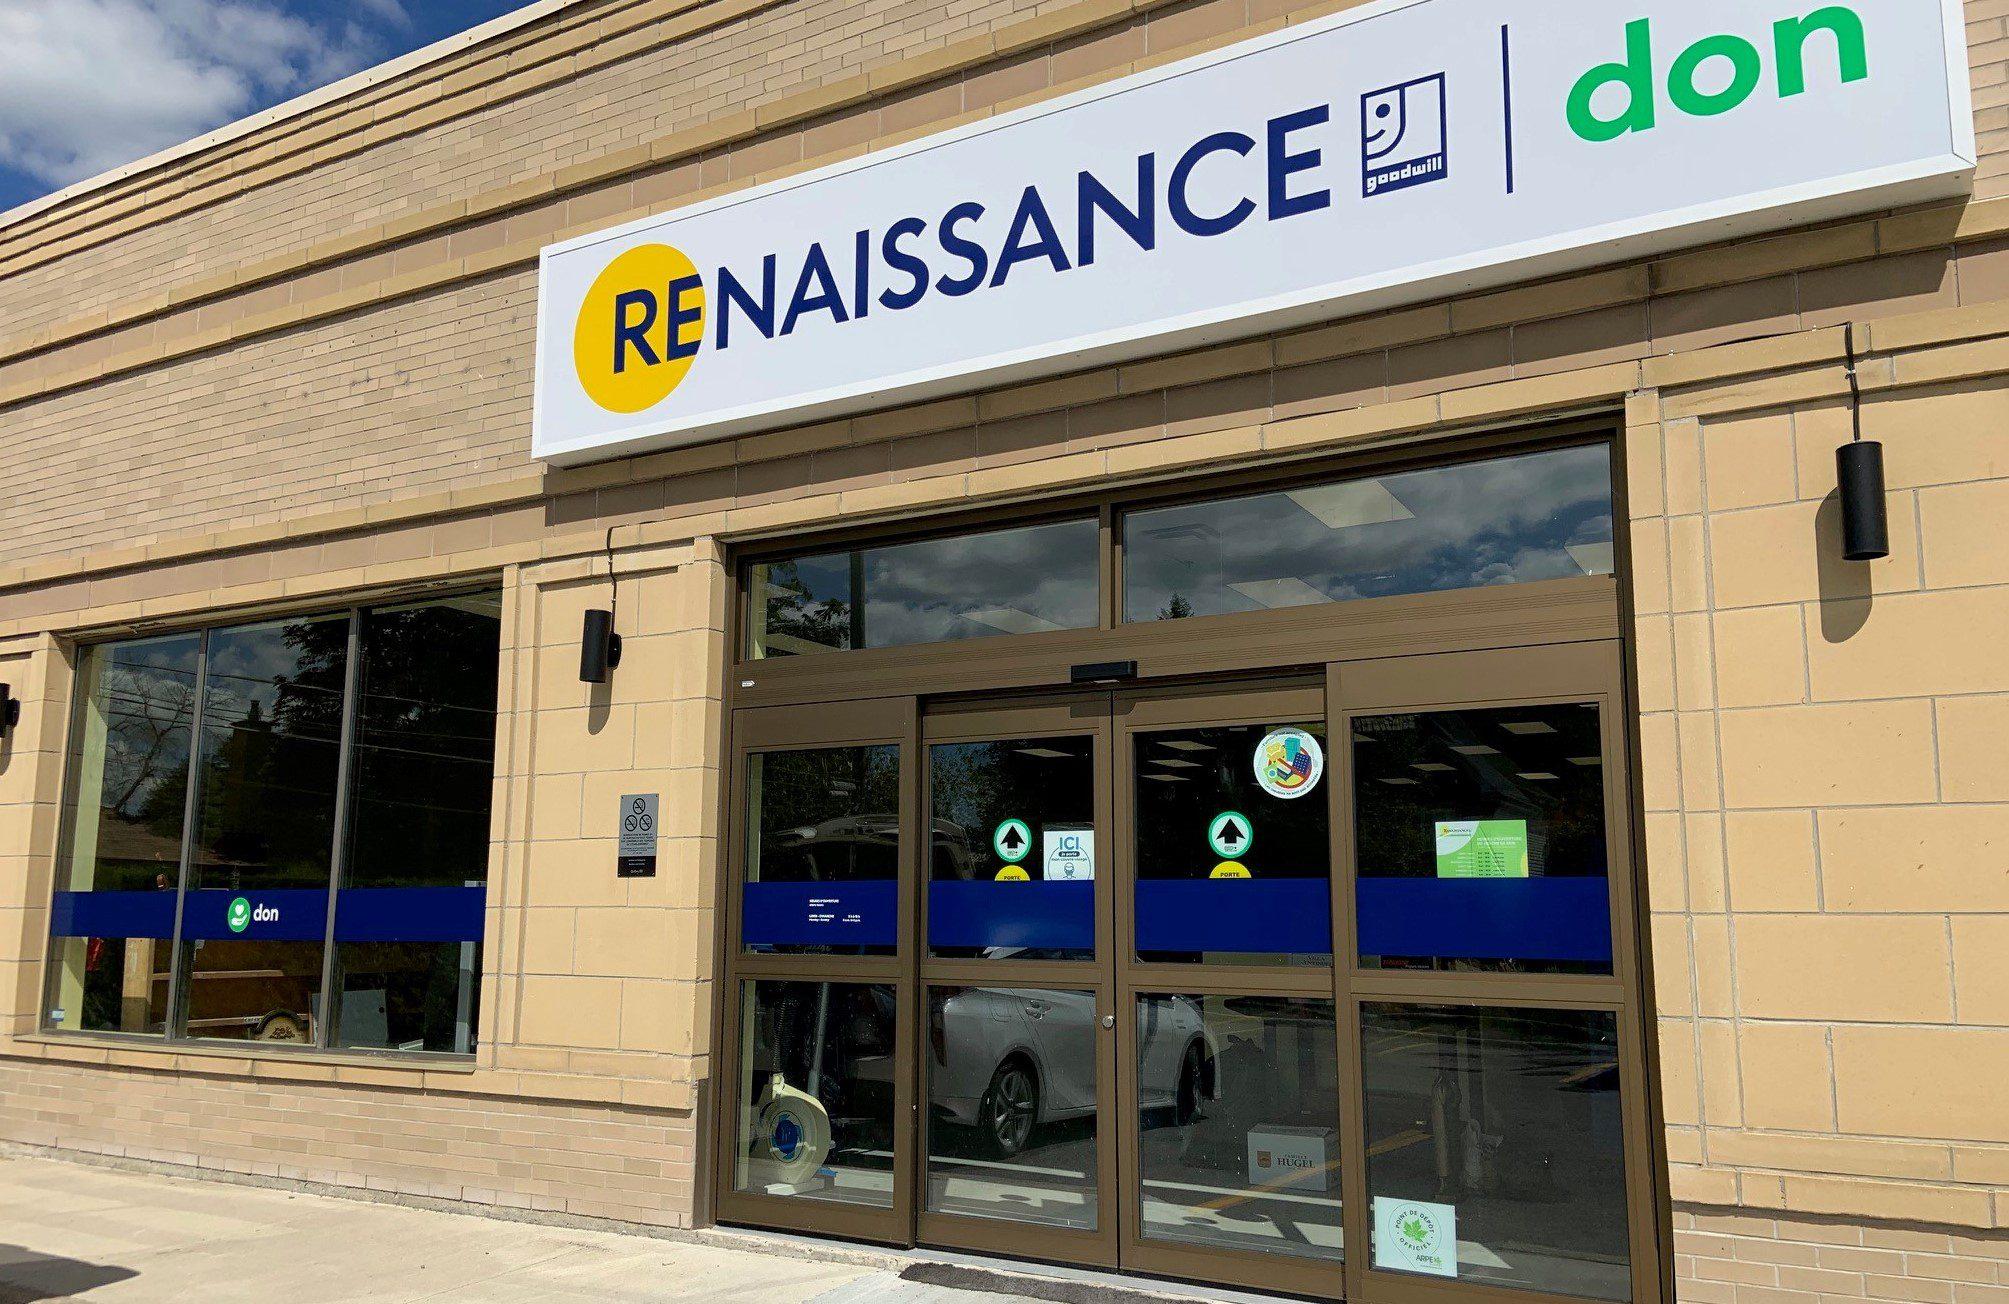 centre de don Renaissance expérience